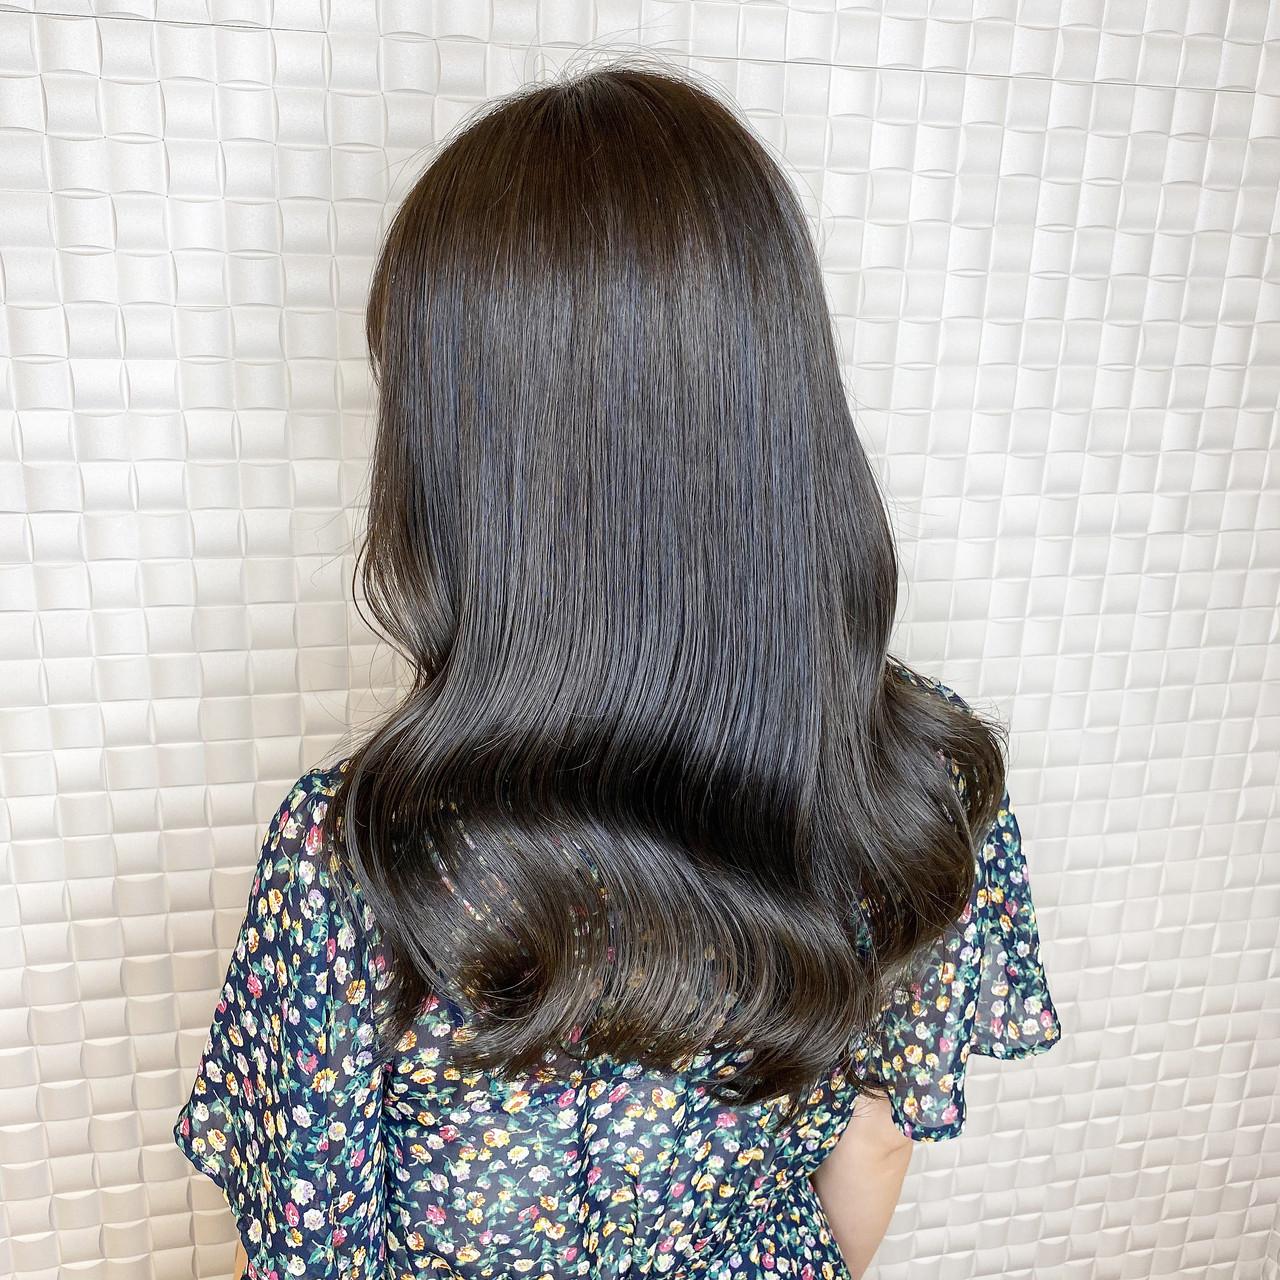 韓国ヘア ミディアム モード 韓国風ヘアー ヘアスタイルや髪型の写真・画像